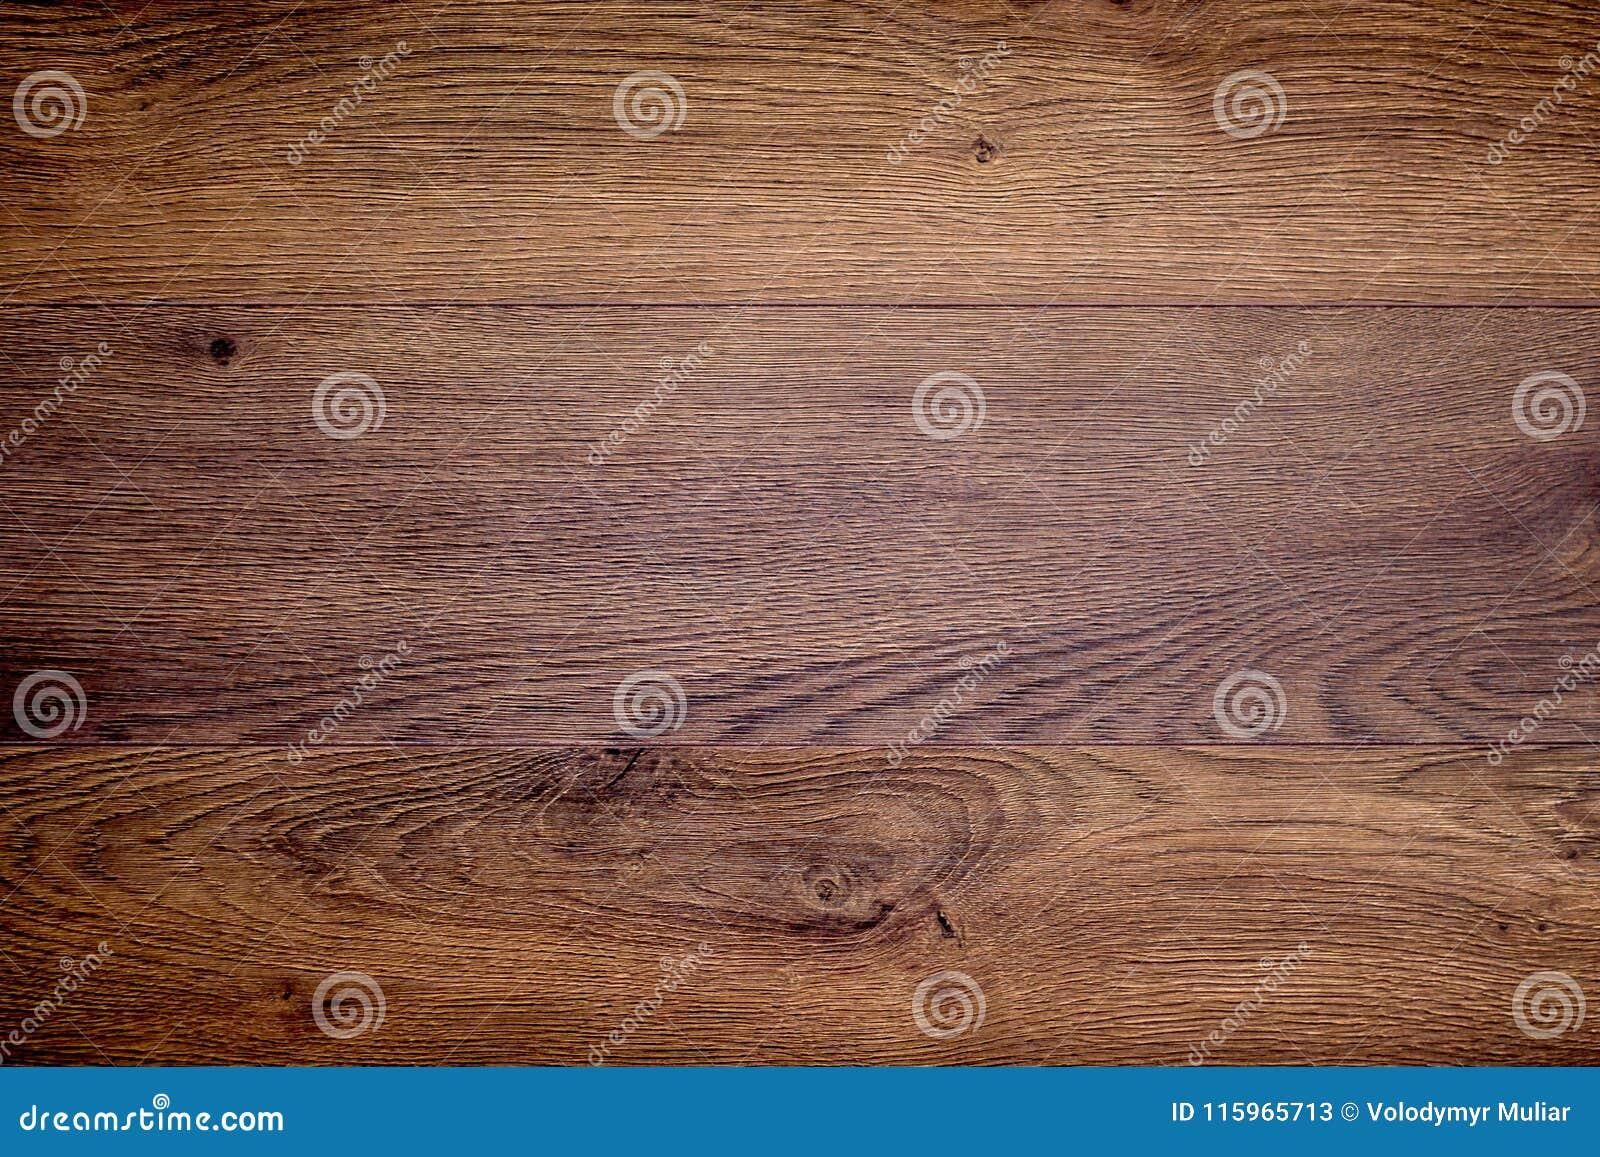 Σύσταση δρύινου ξύλου σκοτεινό υπόβαθρο για το σχέδιο